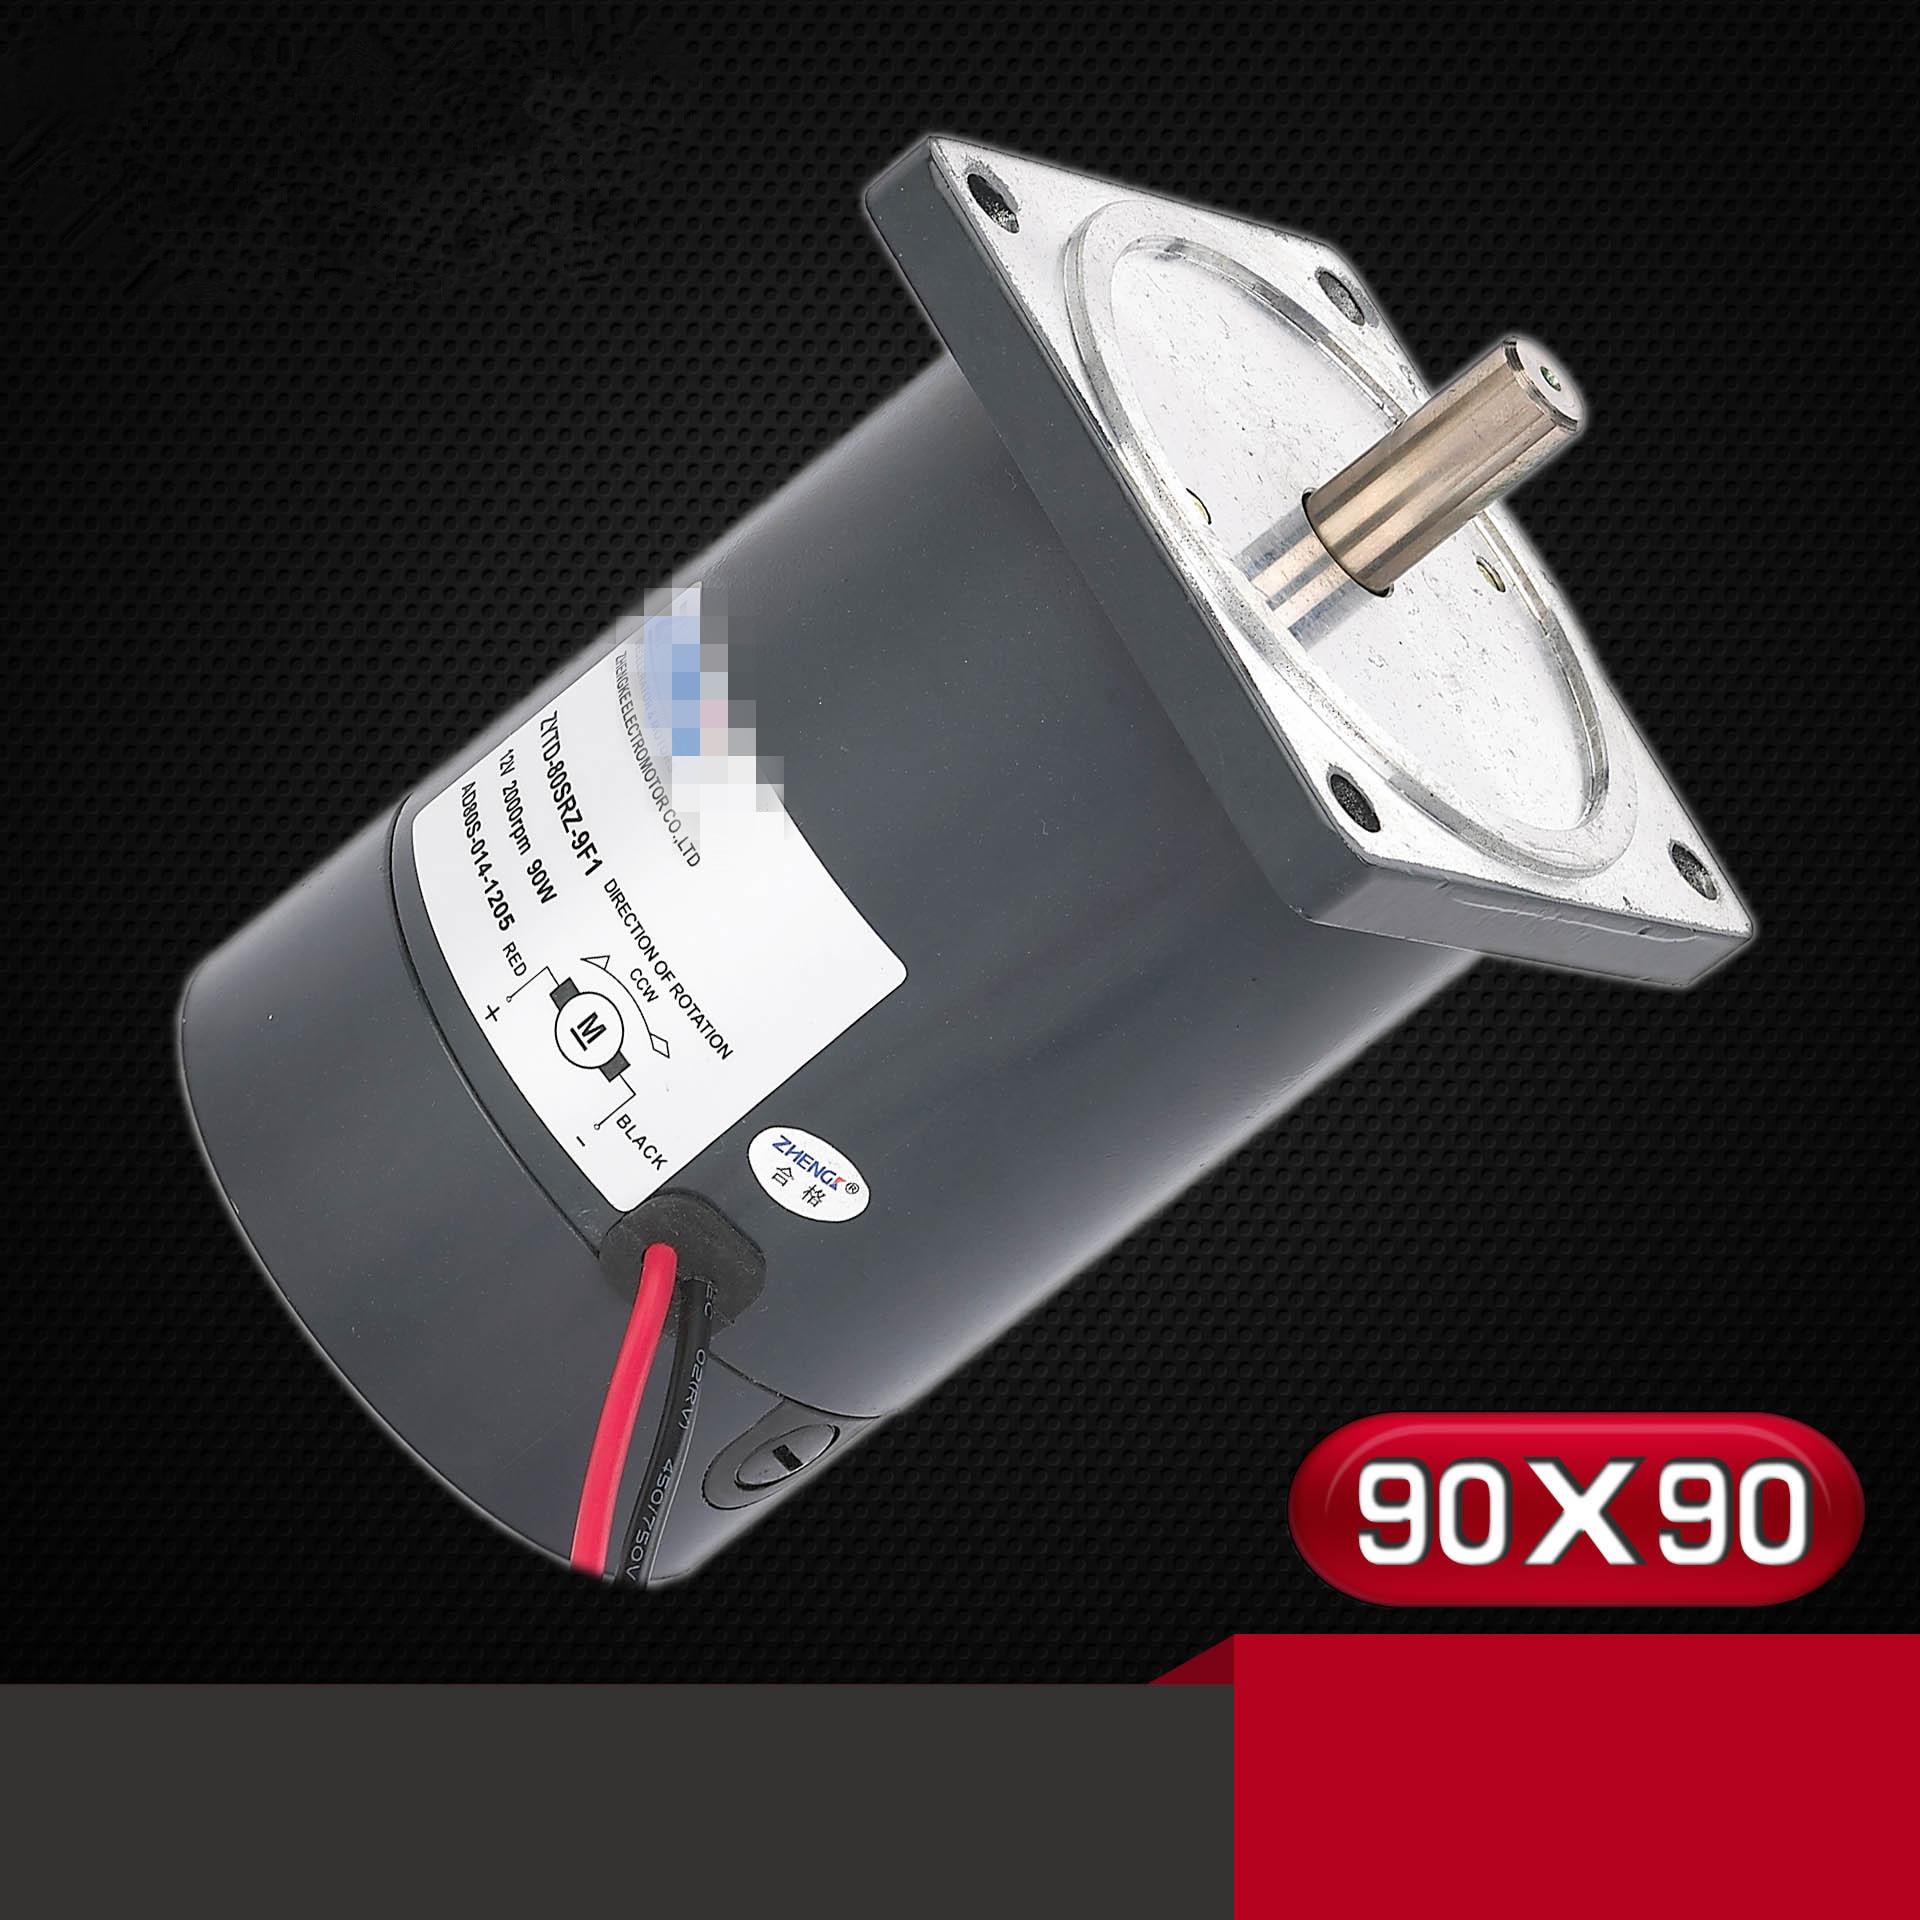 ZYTD-80SRZ-9F1 12V 24V 80mm DIA 90W Permanent Magnet Brush DC Motor Flange 1500RPM-5000RPM zytd 80srz 9f1 12v 24v 80mm 90w